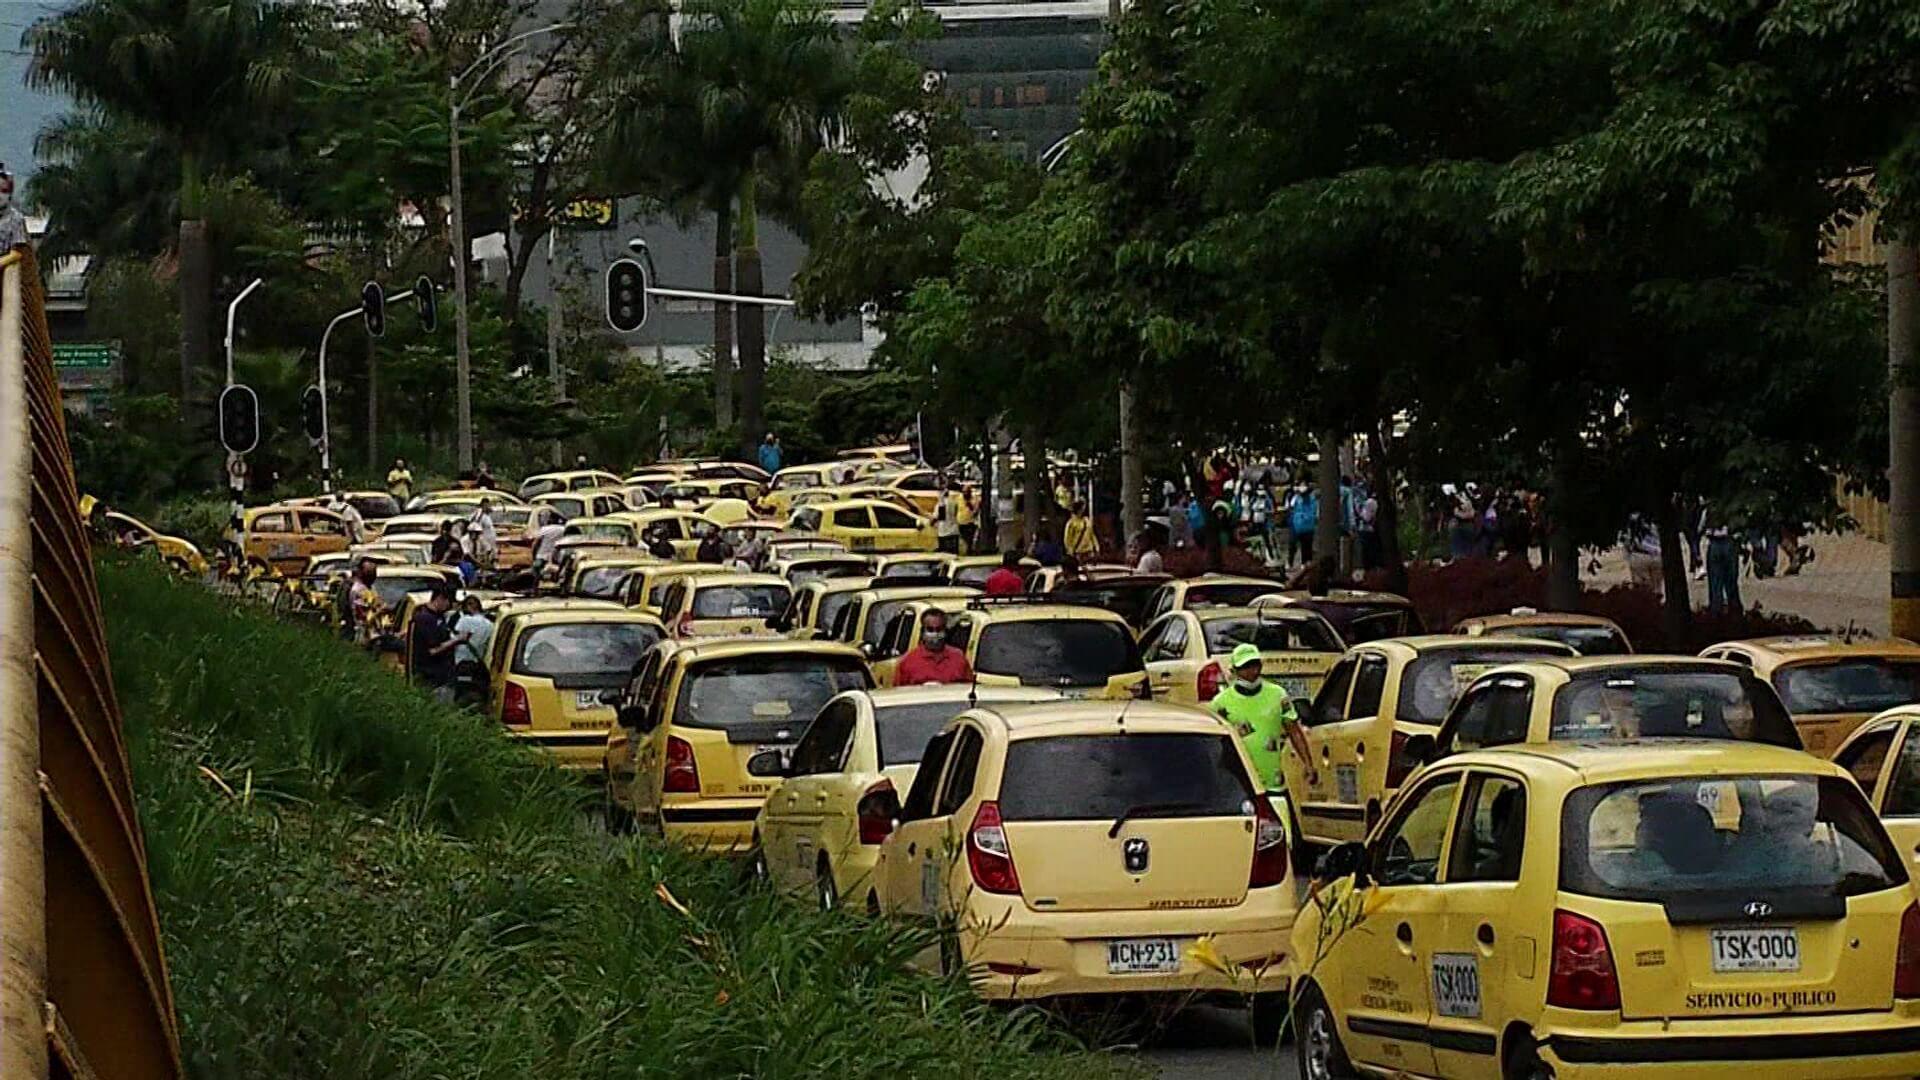 Movilidad reducida y caos vehicular por bloqueo de taxistas